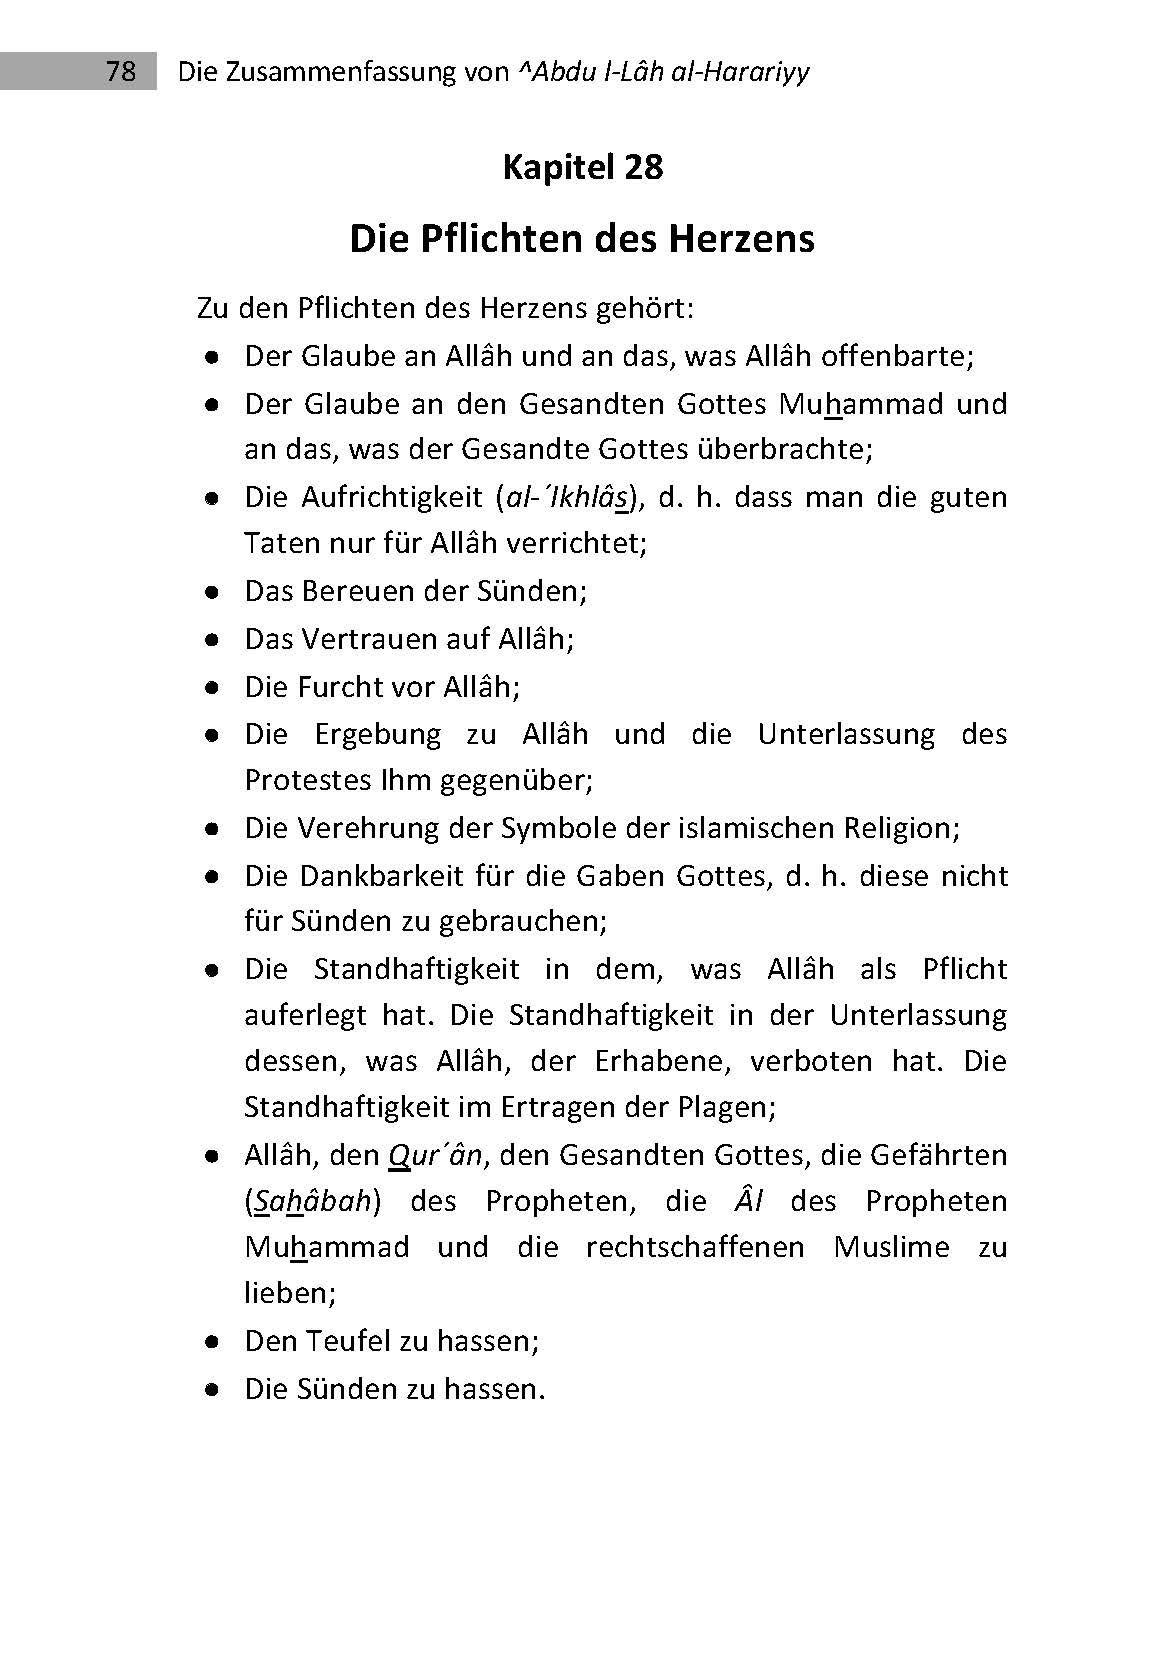 Die Zusammenfassung - 3. Auflage 2014_Seite_78